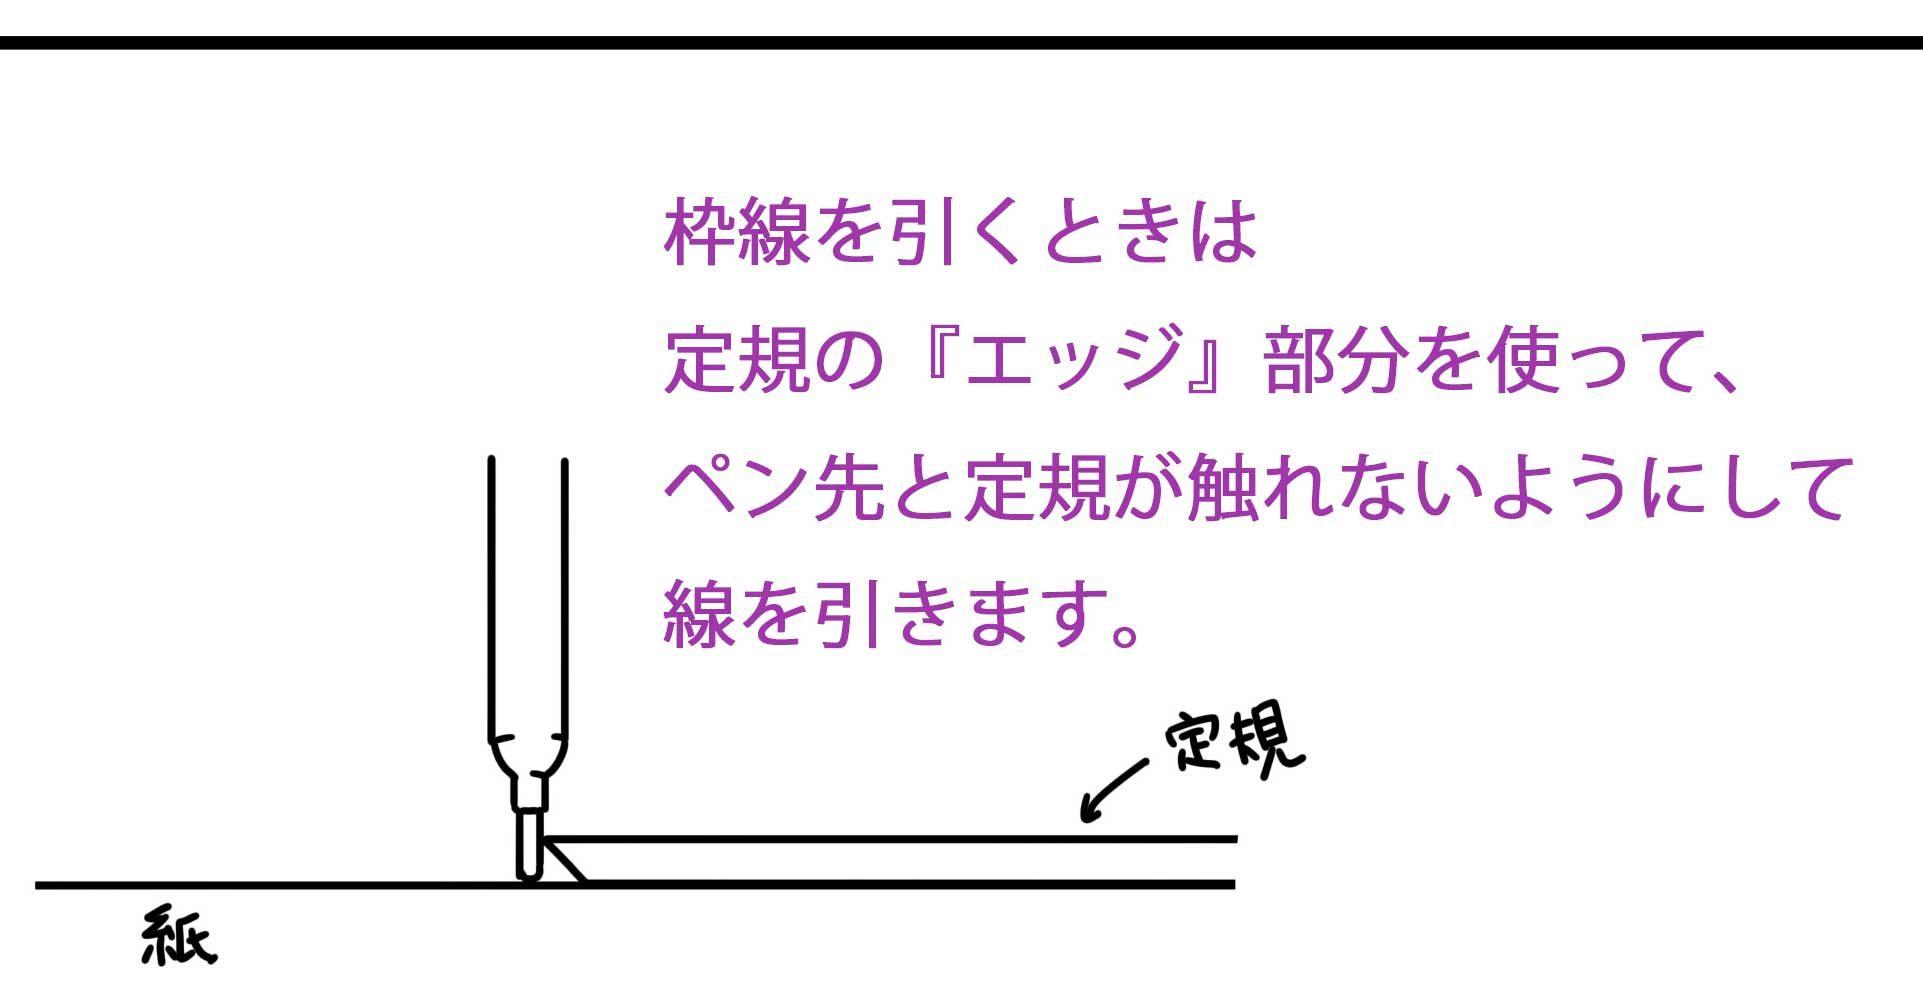 枠線の引き方